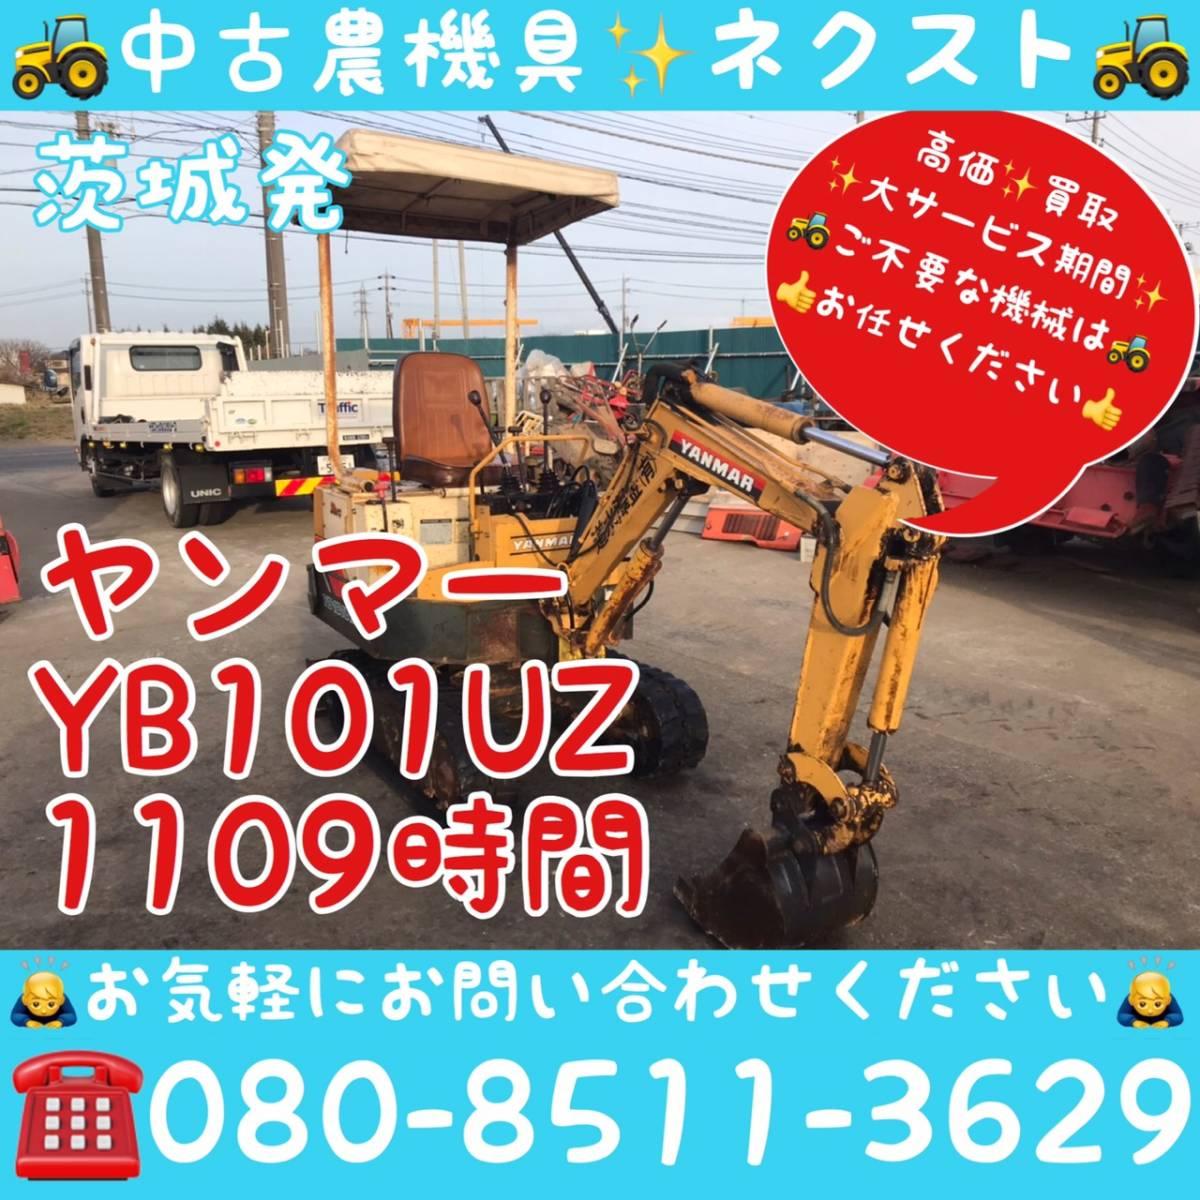 「☆サマーセール☆ ヤンマー YB101UZ バックホー 1109時間 ユンボ 茨城発」の画像1